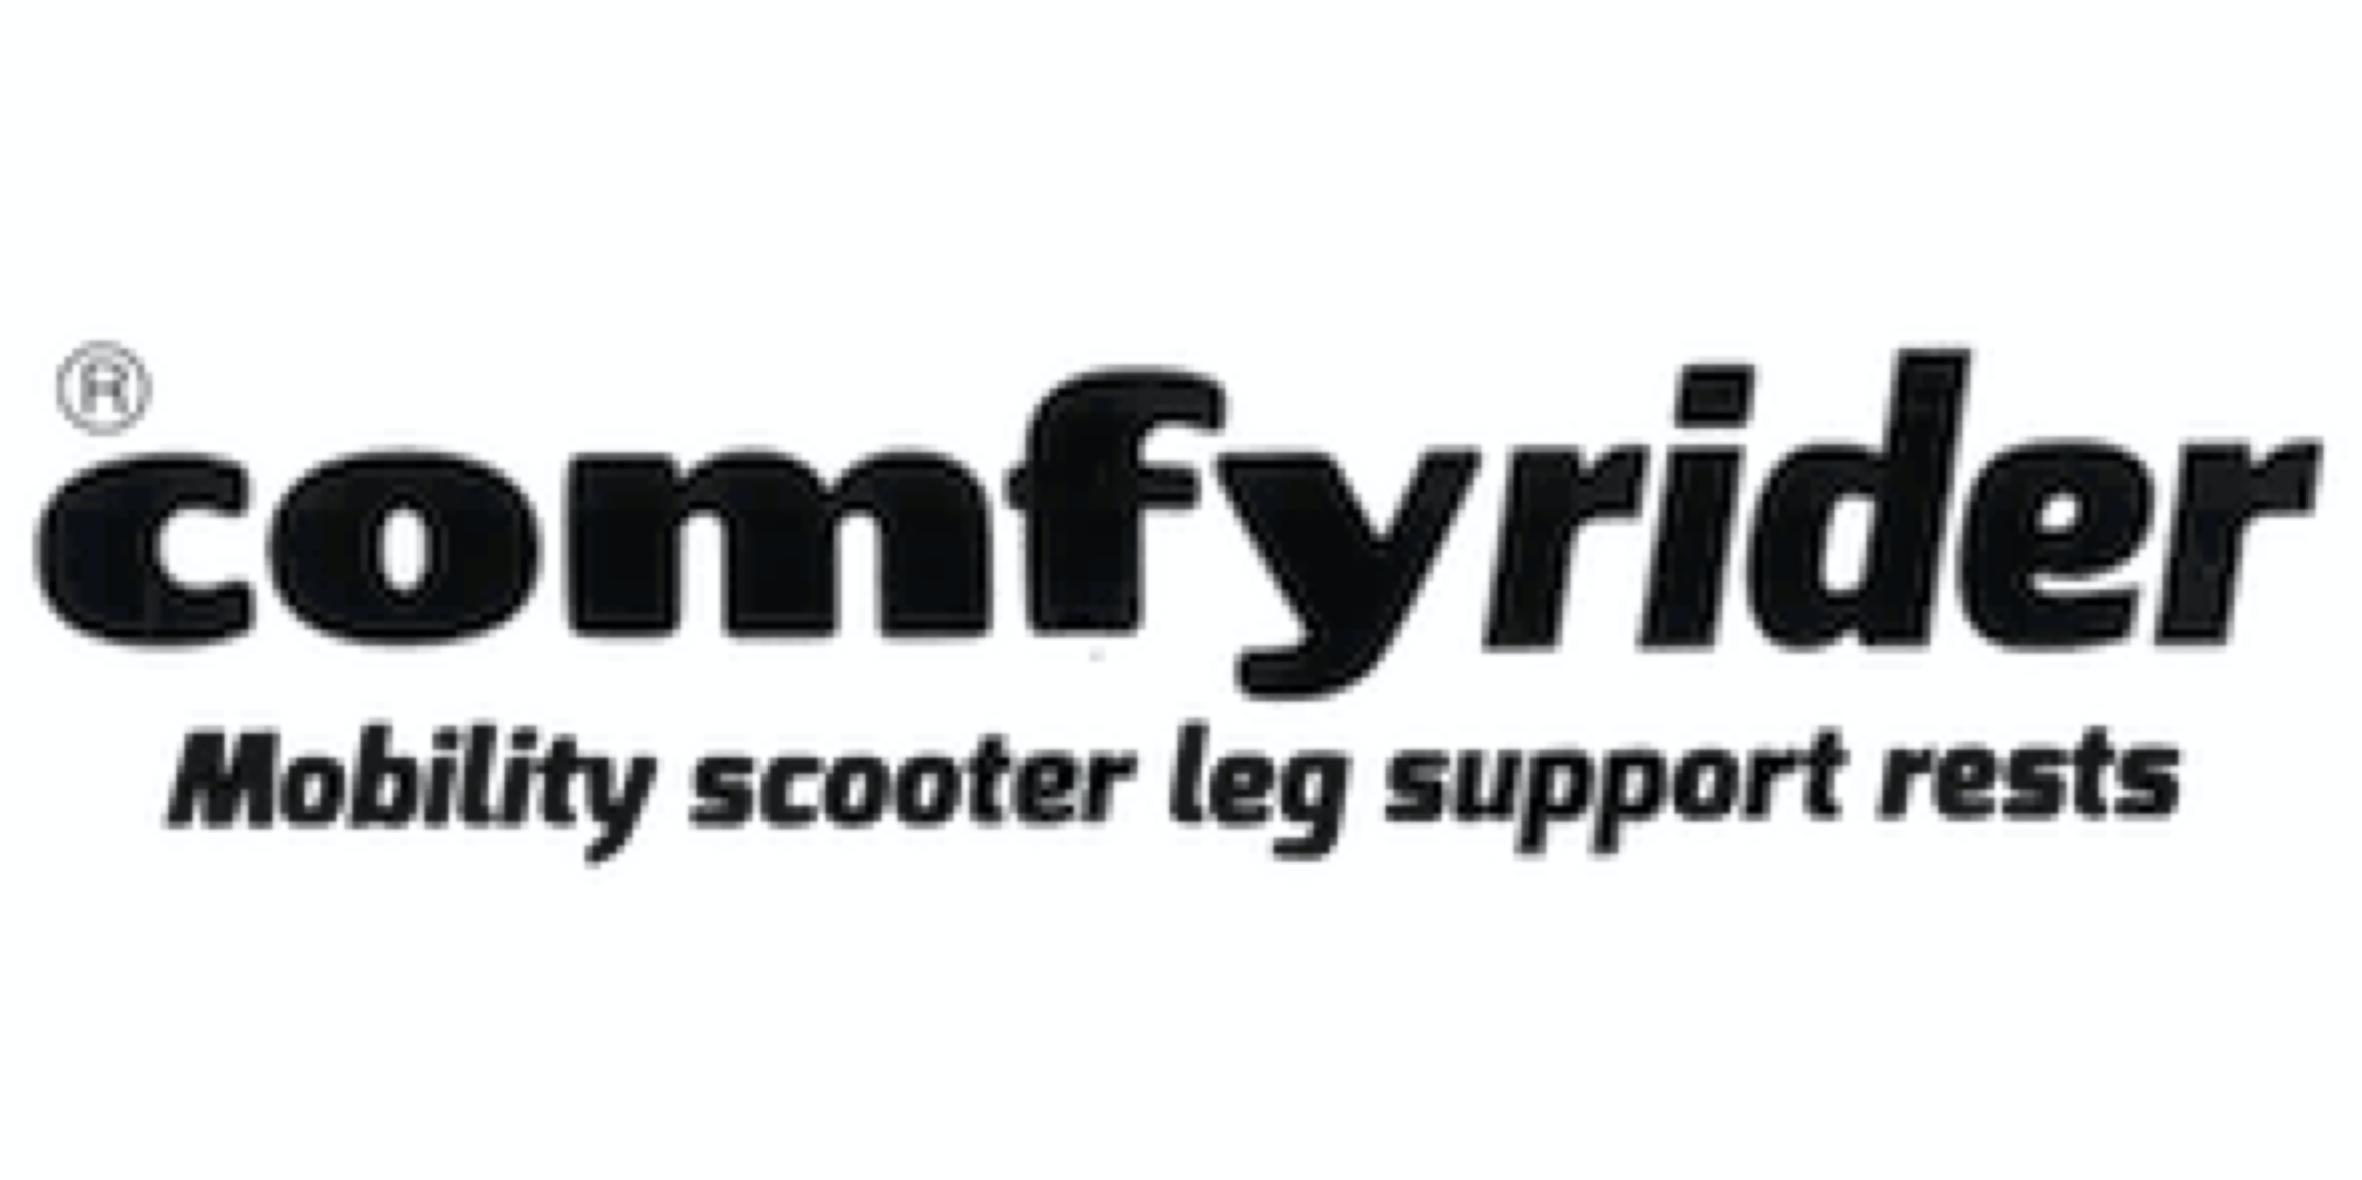 Comfyrider Logo